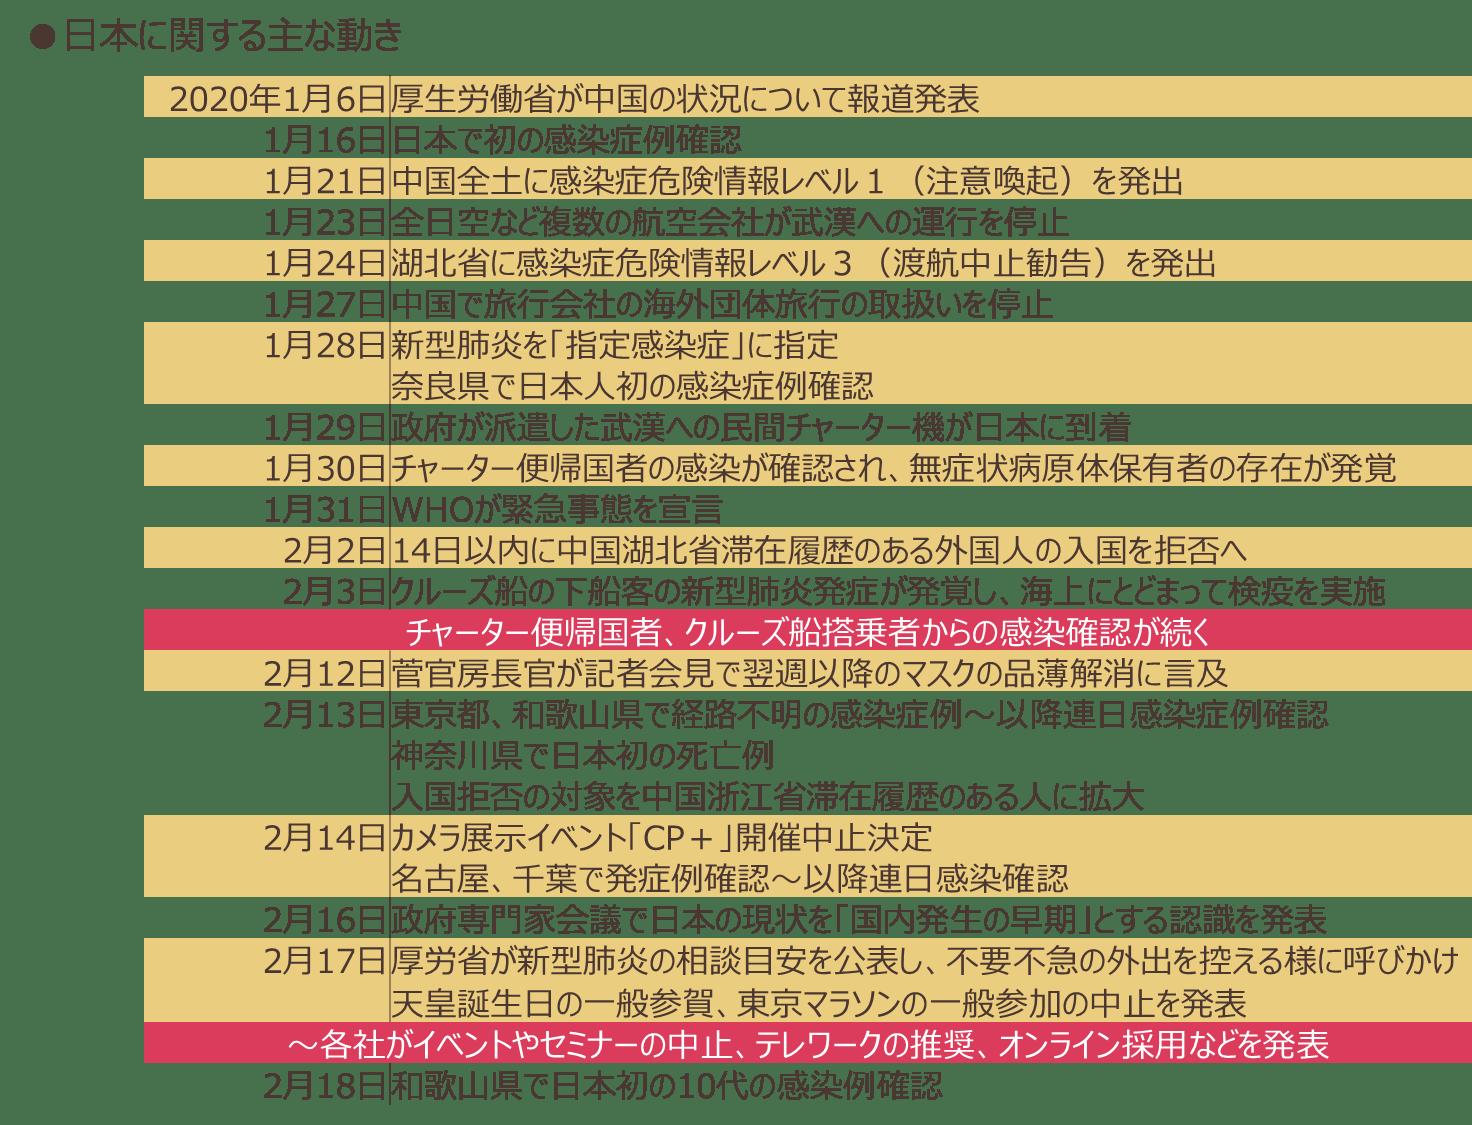 日本に関する主な動き